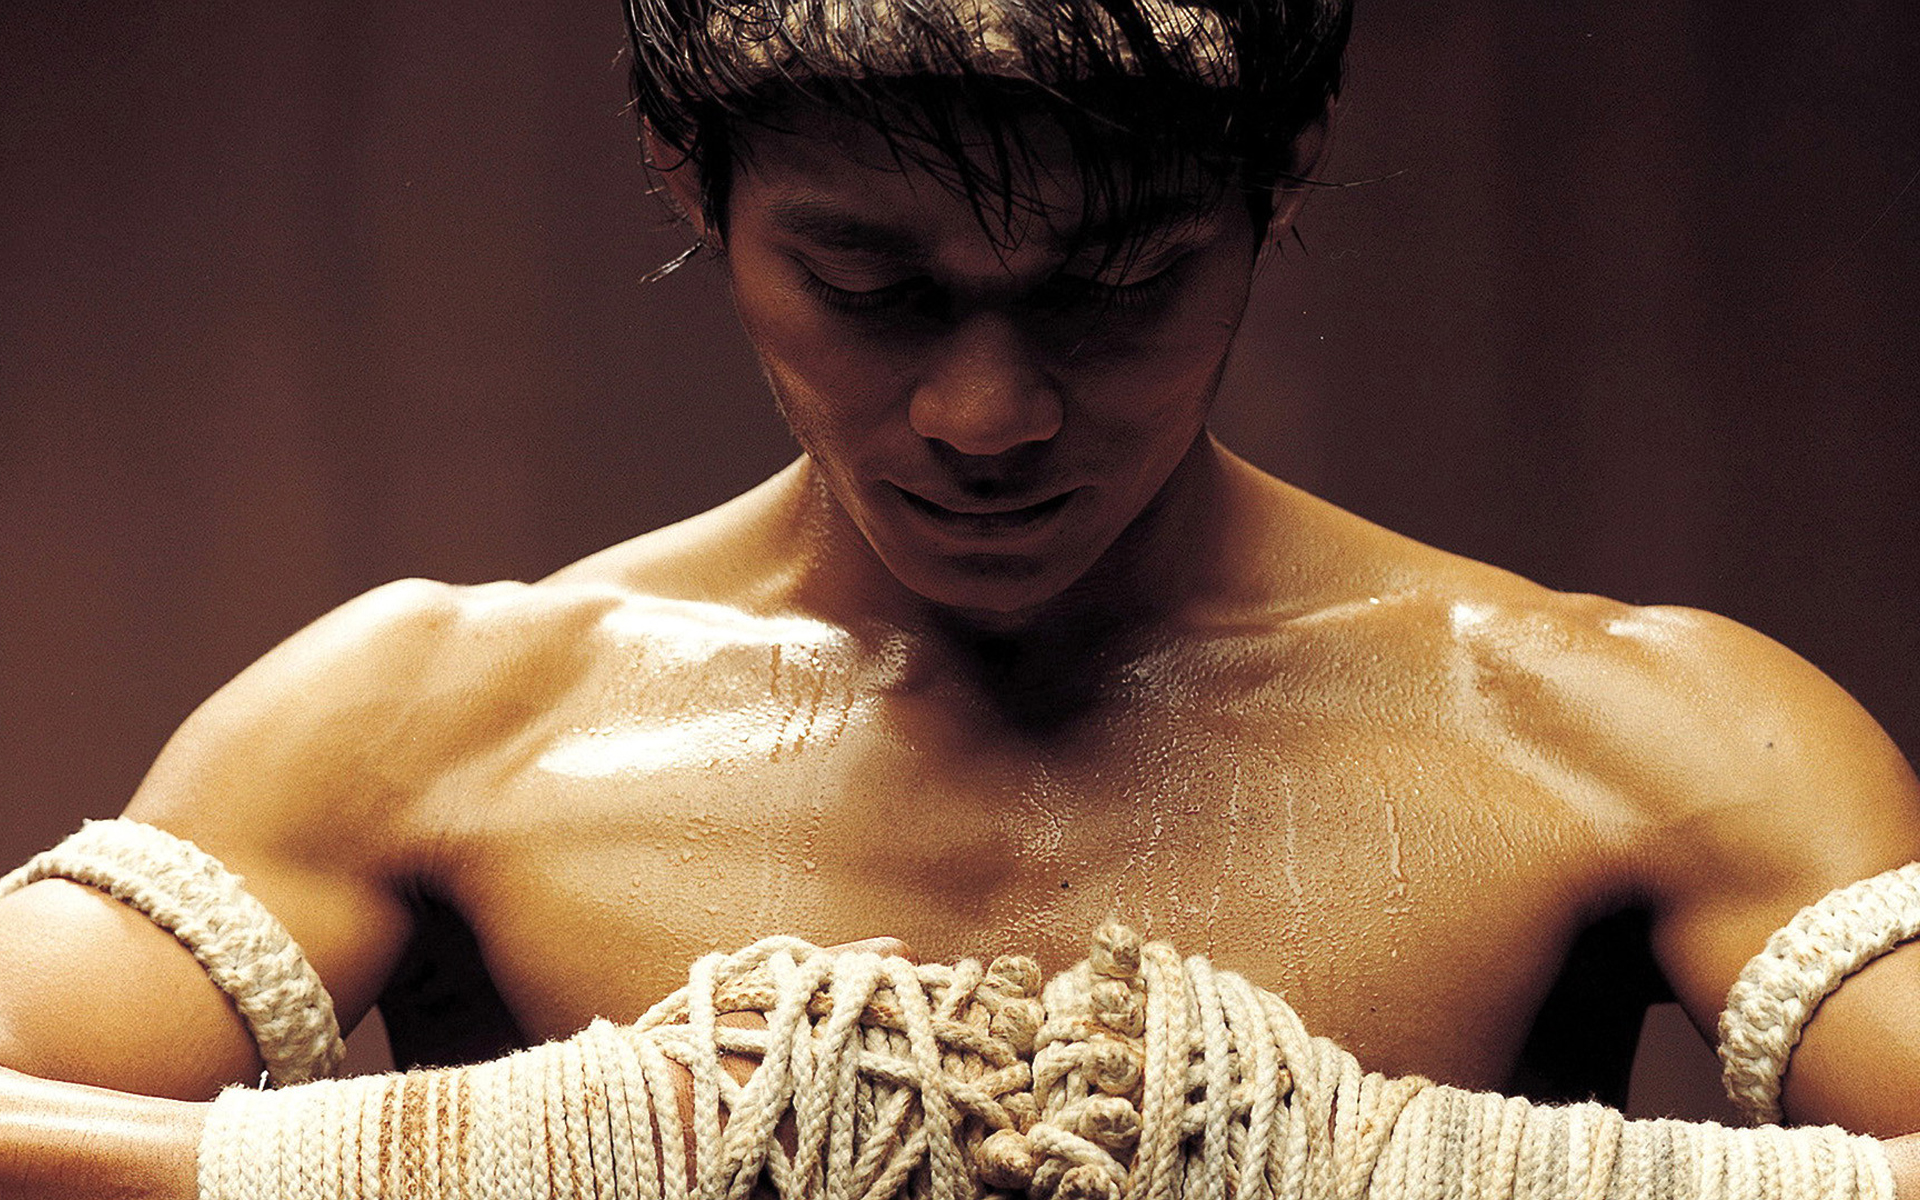 Myuai thai боец, fighter, фото, обои для рабочего стола